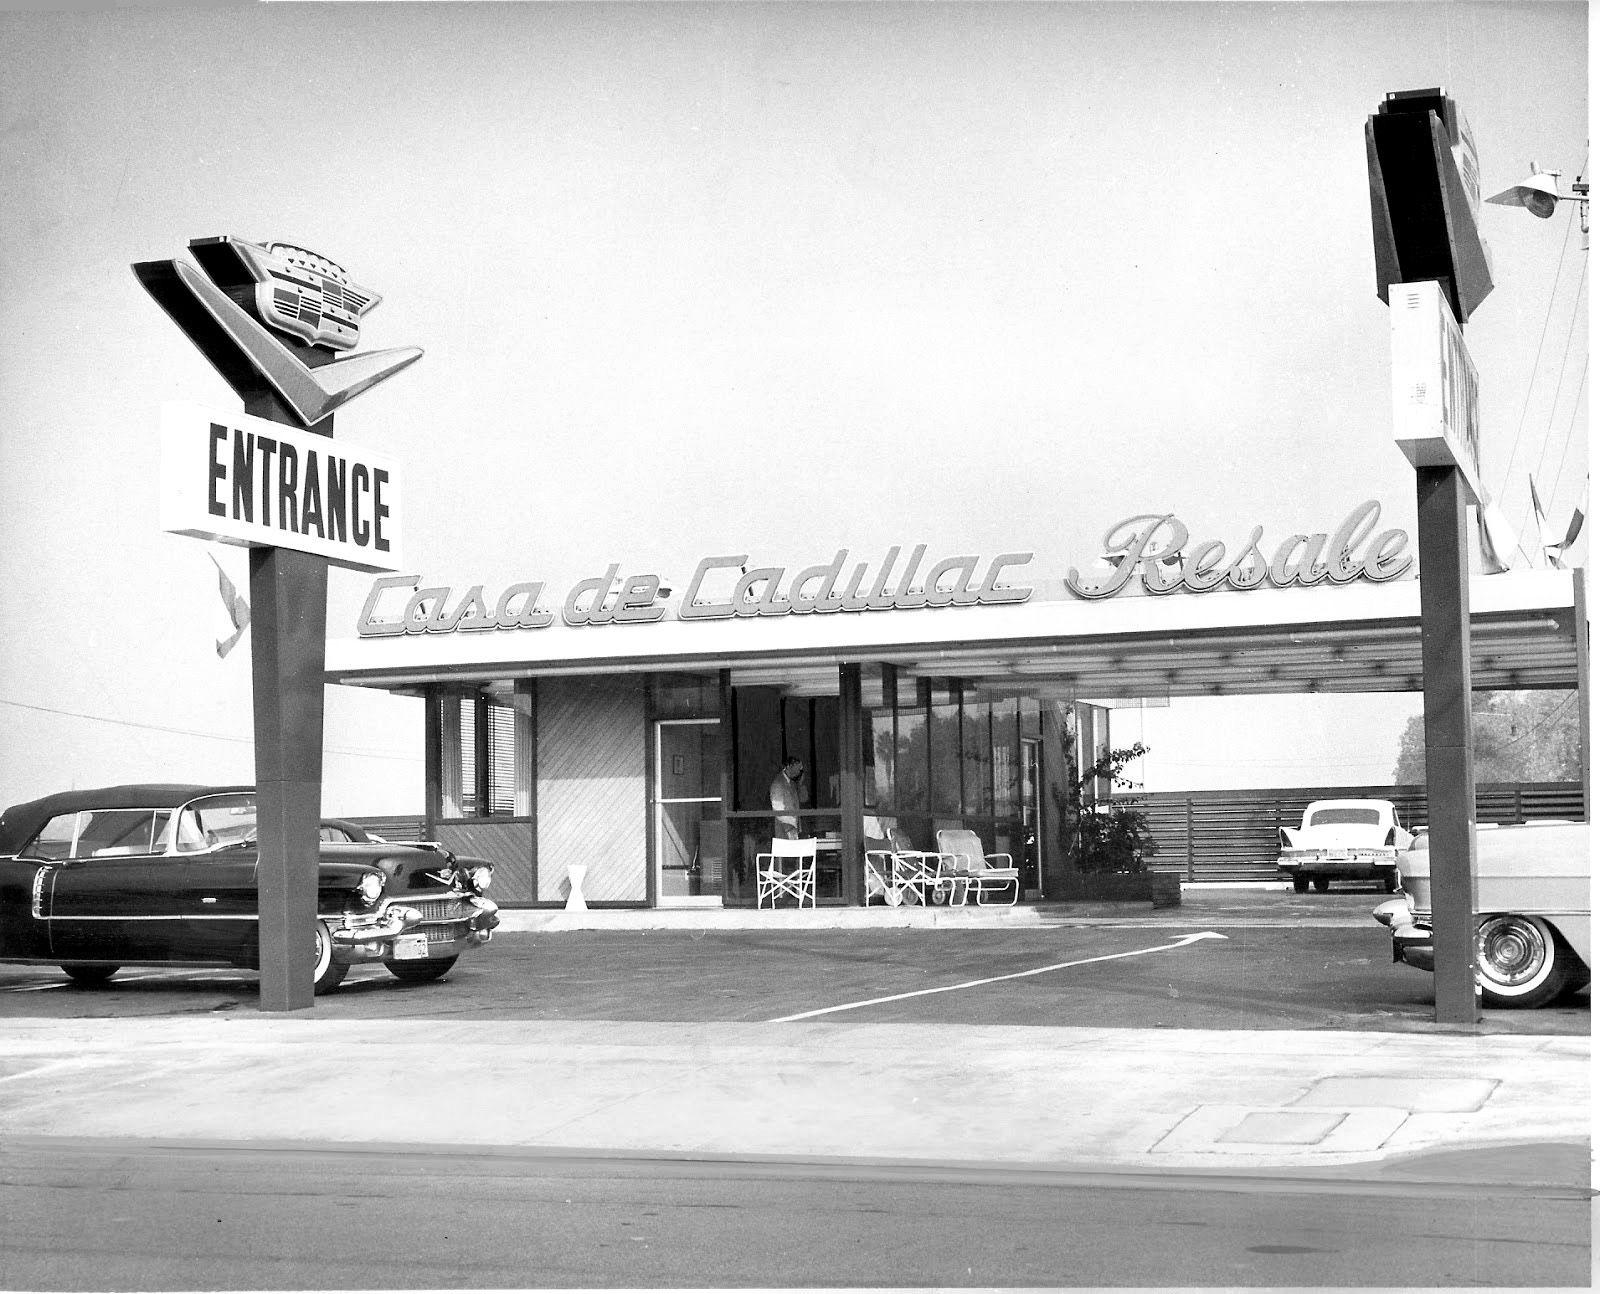 Casa De Cadillac Resale Lot Ca 1958 That New Car Smell